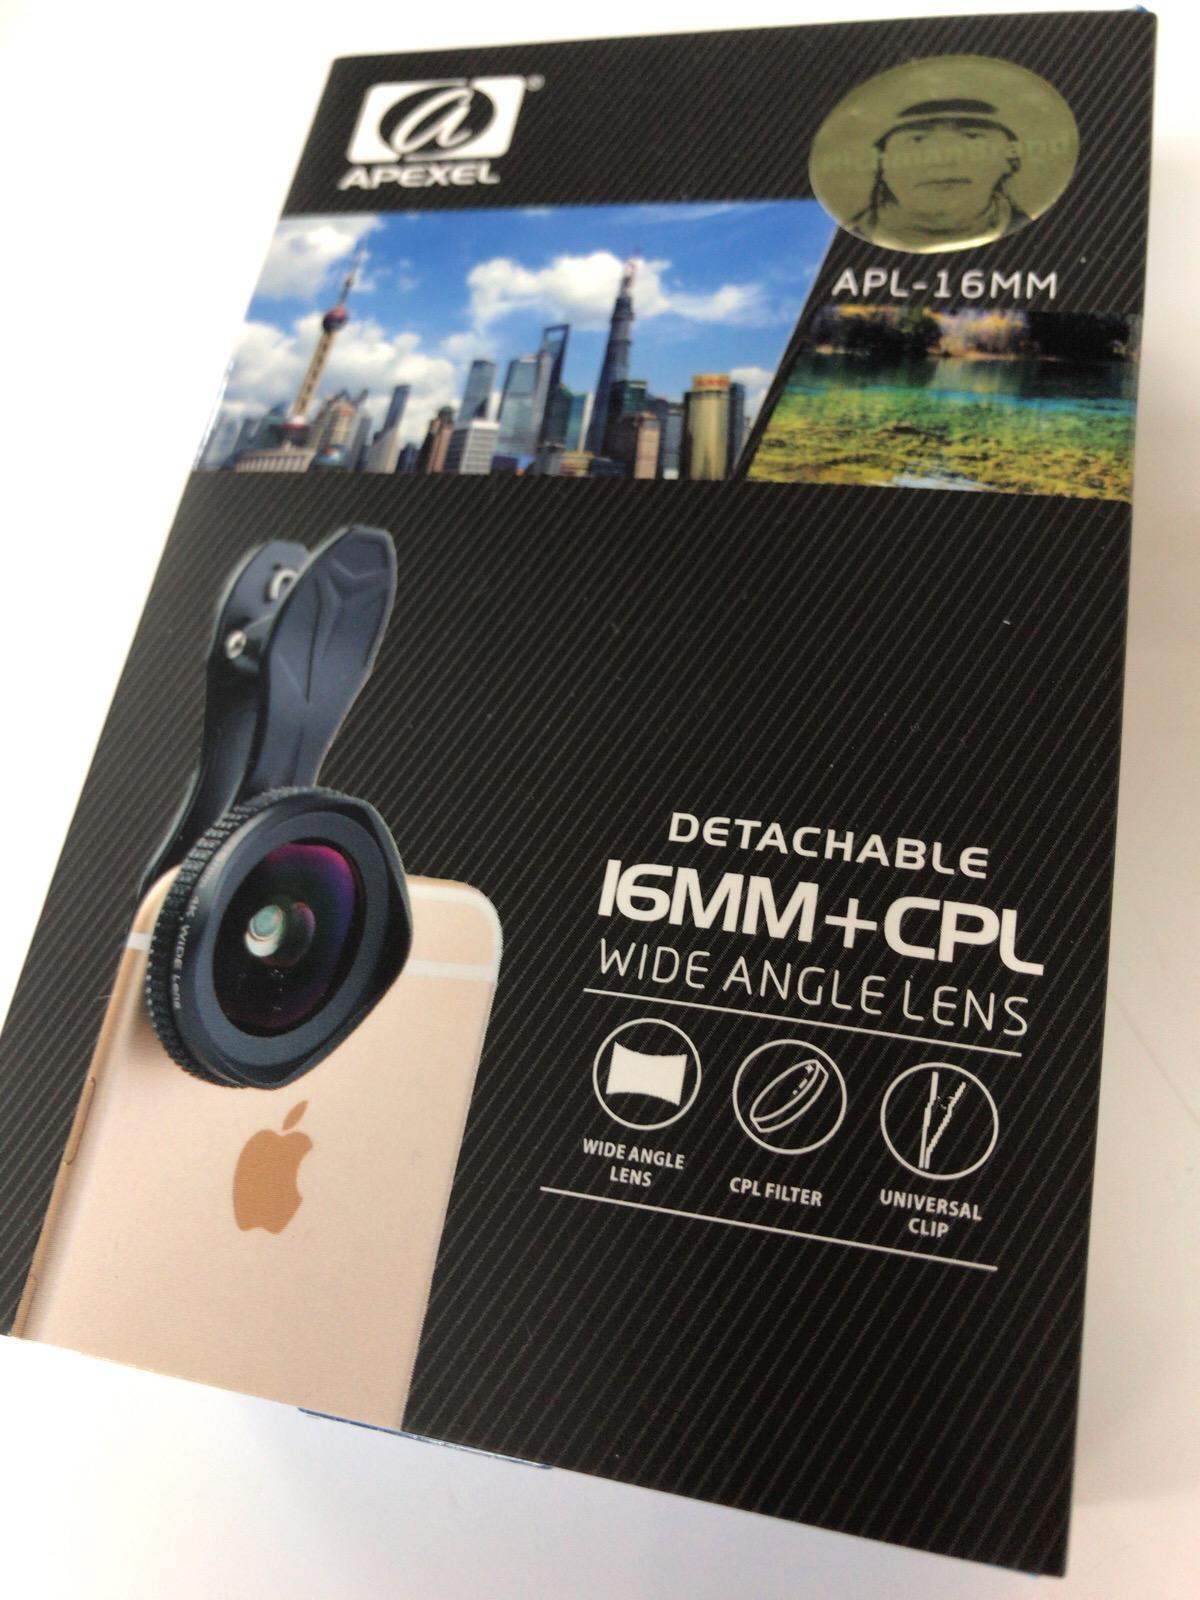 http://blogs.itmedia.co.jp/tooki/553478e7c751a526c54fec440e97c0607401801e.JPG